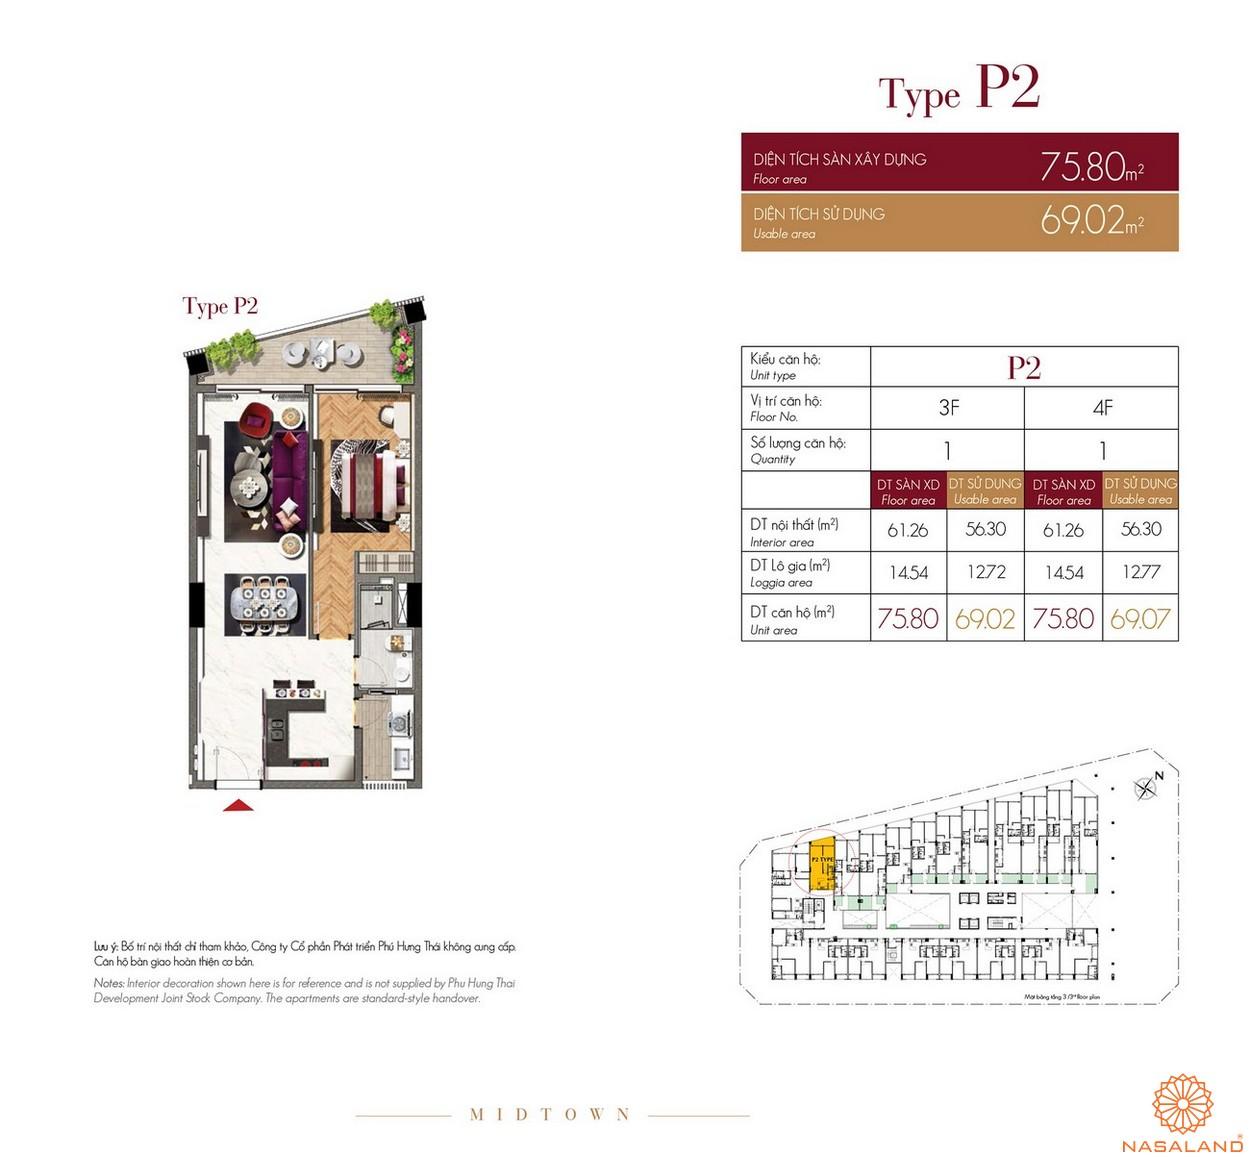 Thiết kế căn hộ Type P2 dự án The Grande Midtown quận 7